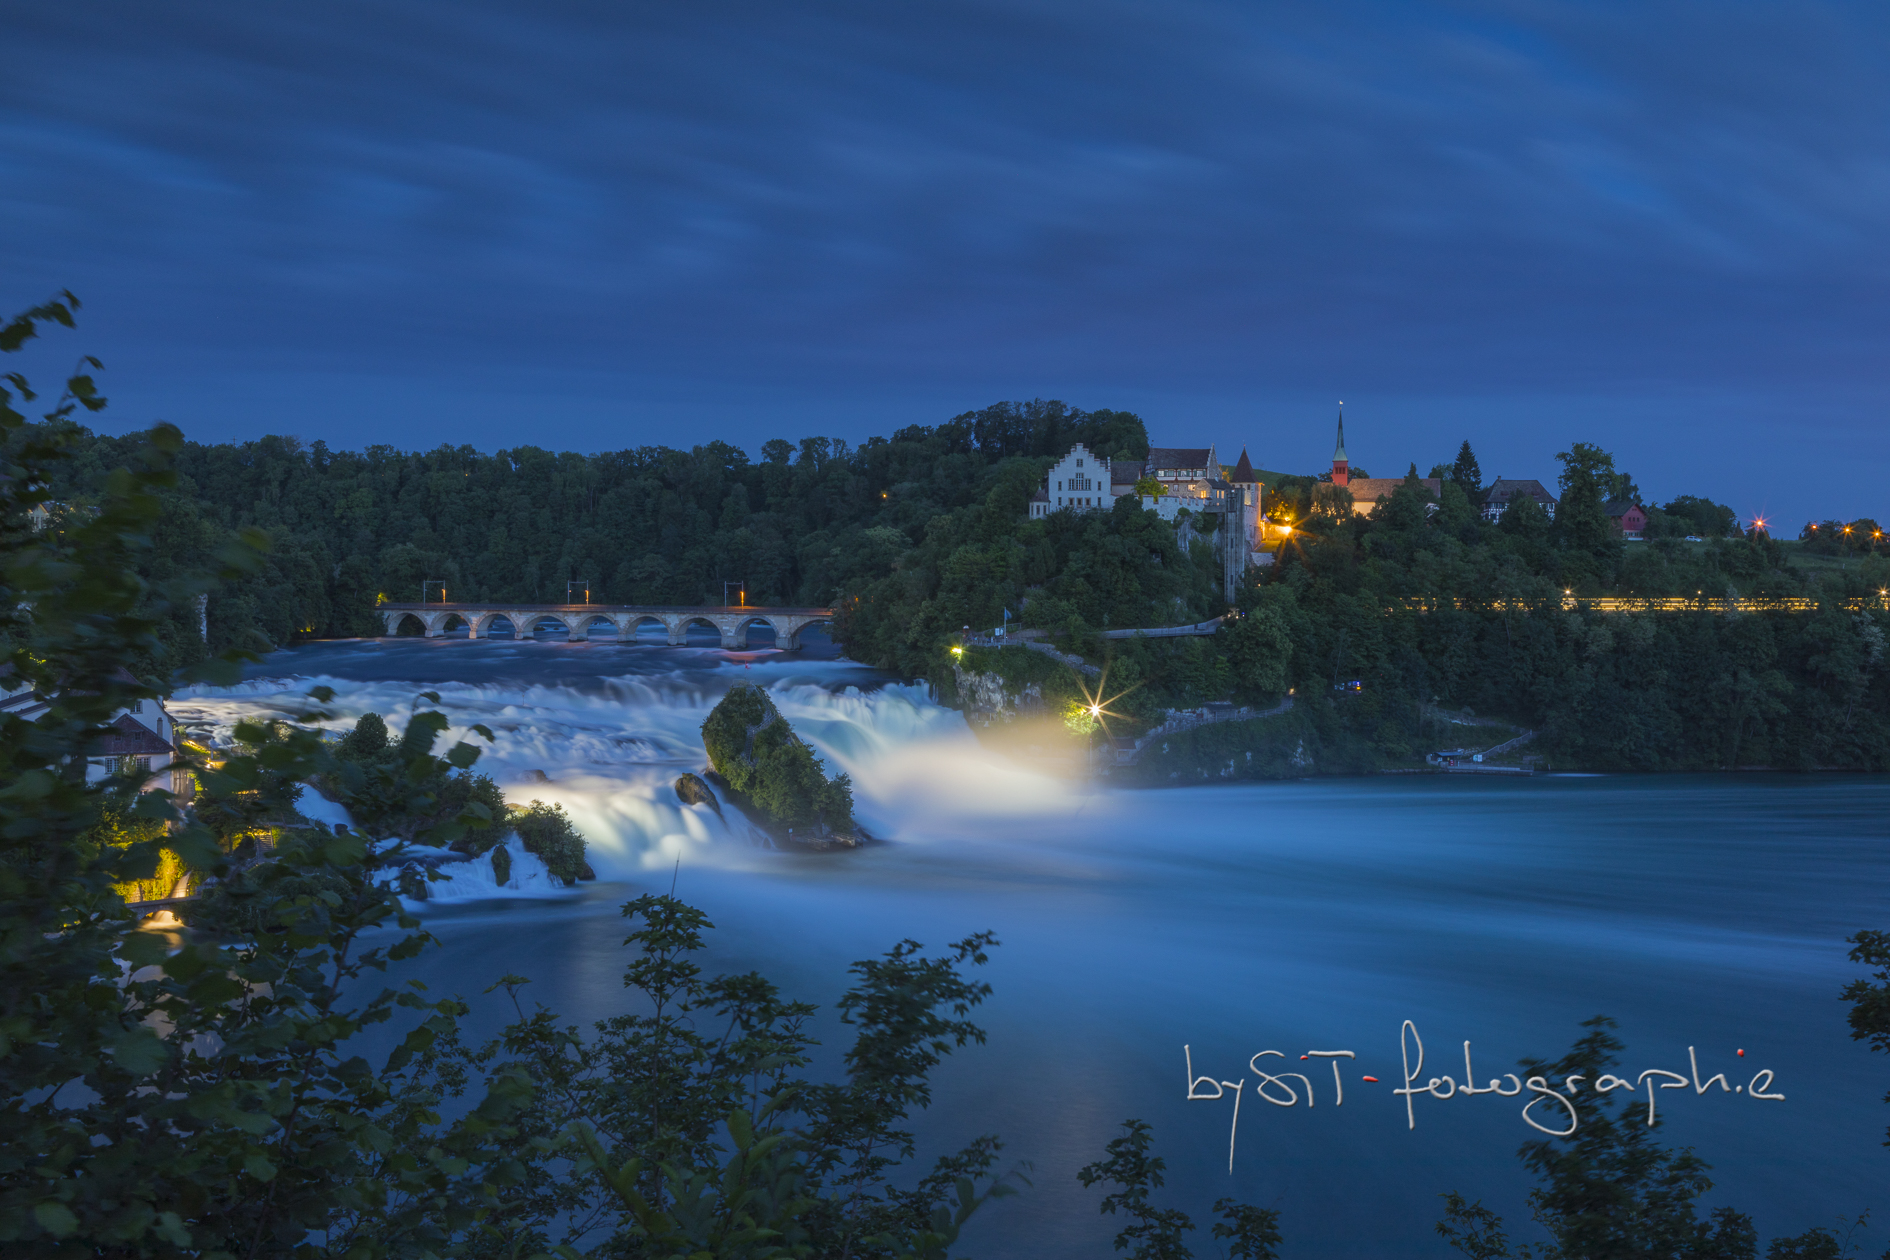 Rheinfall by night